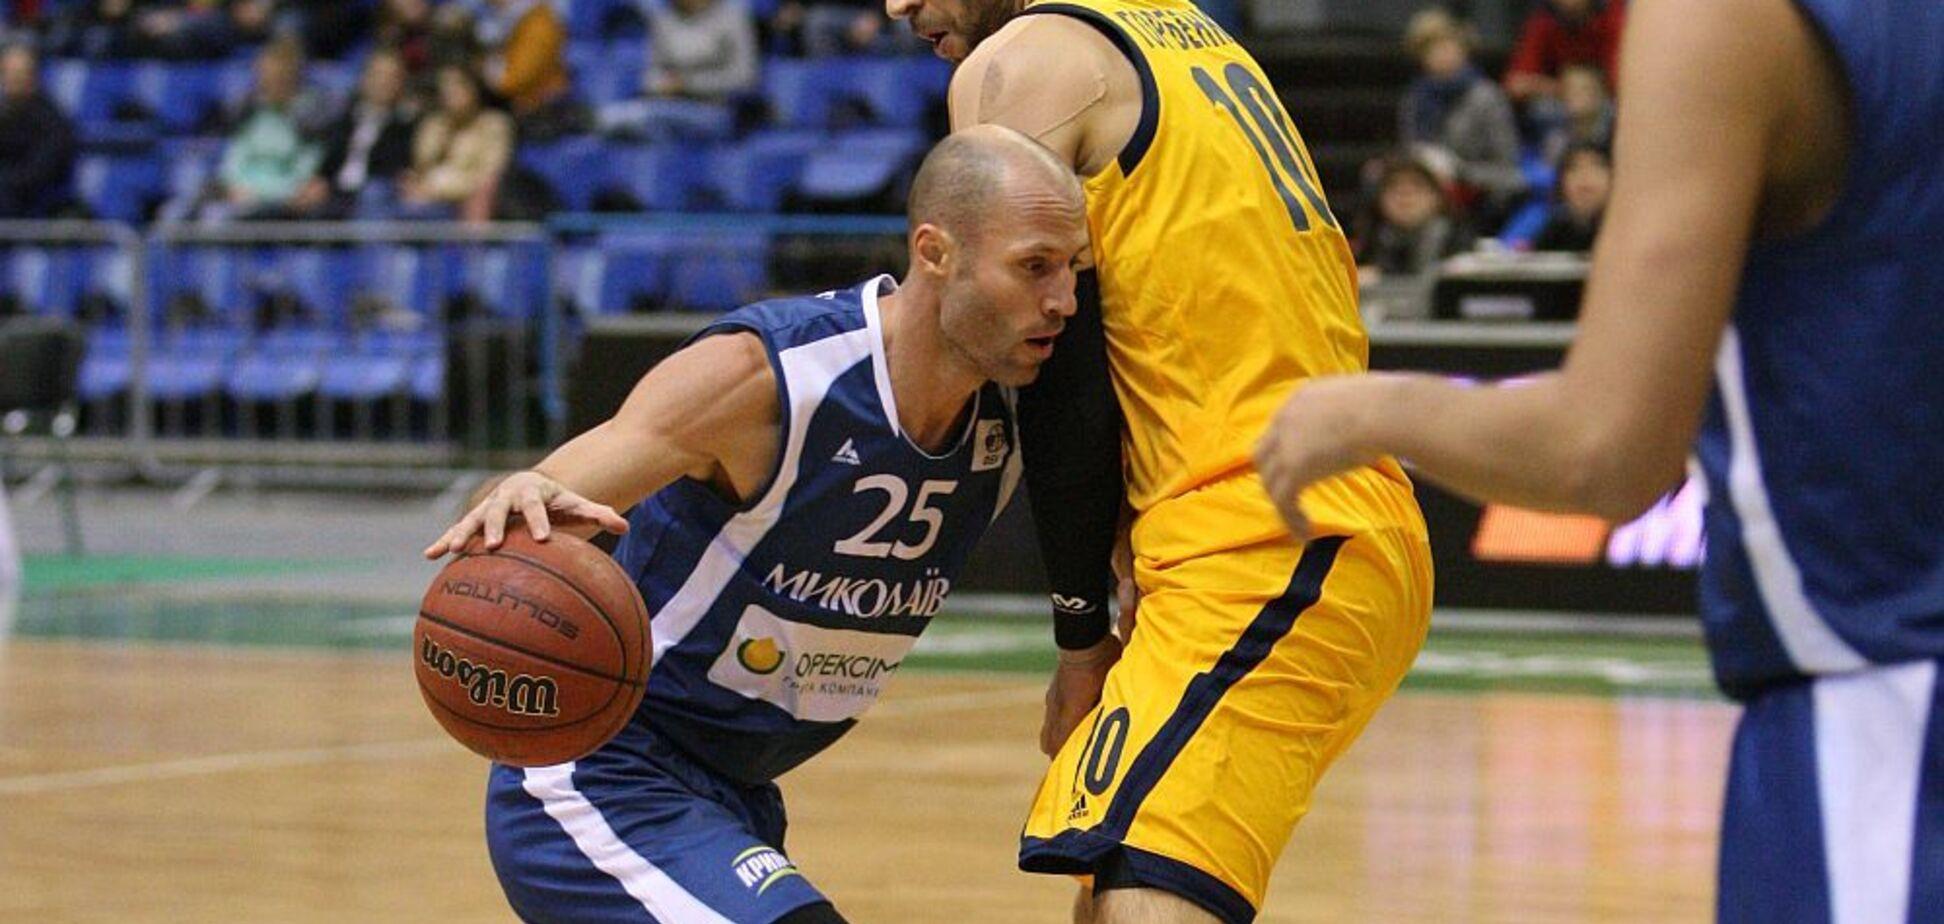 МБК Николаев